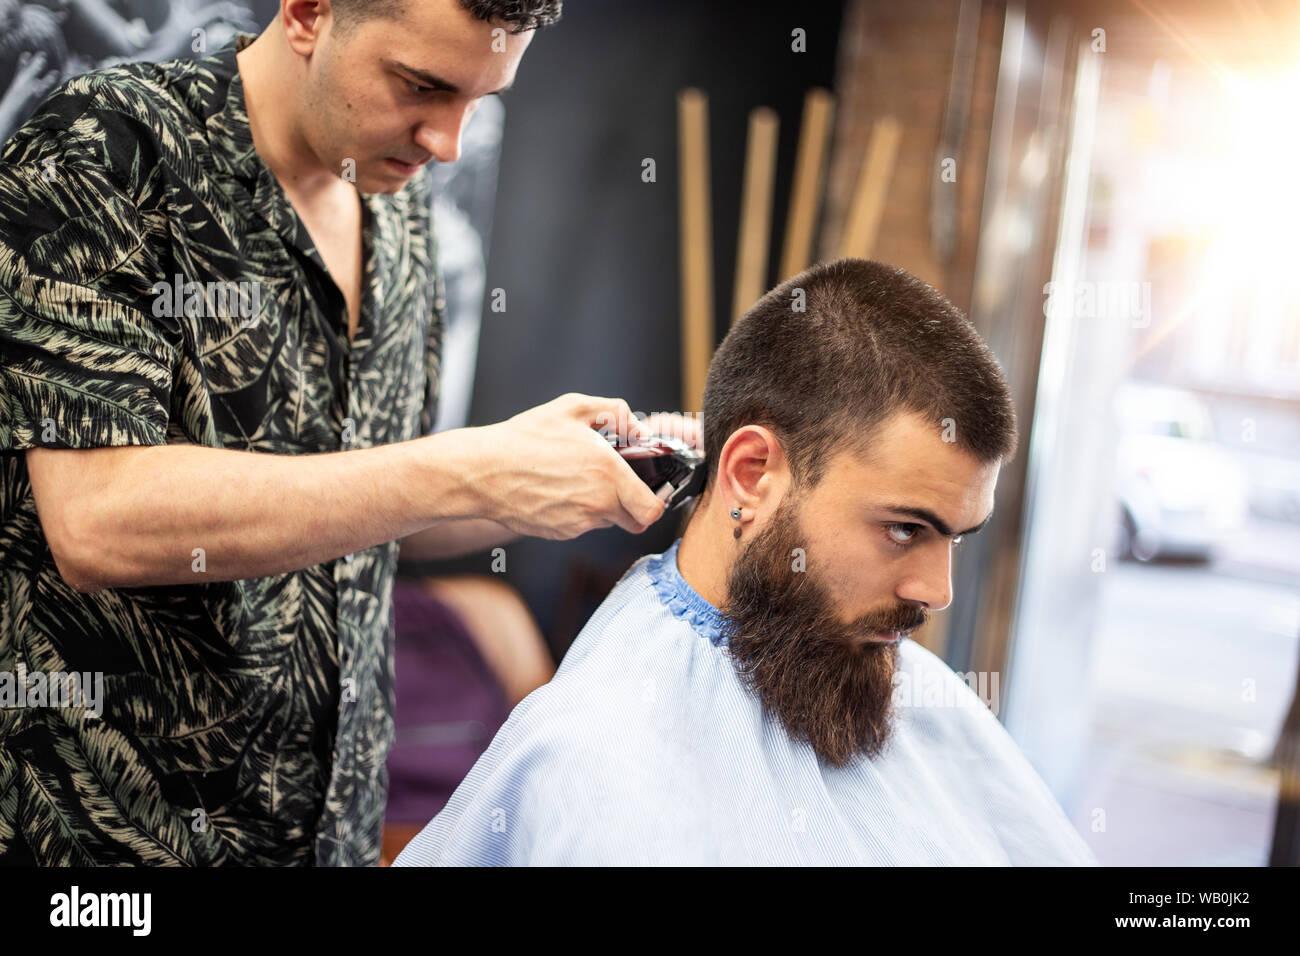 Getting A Haircut 35